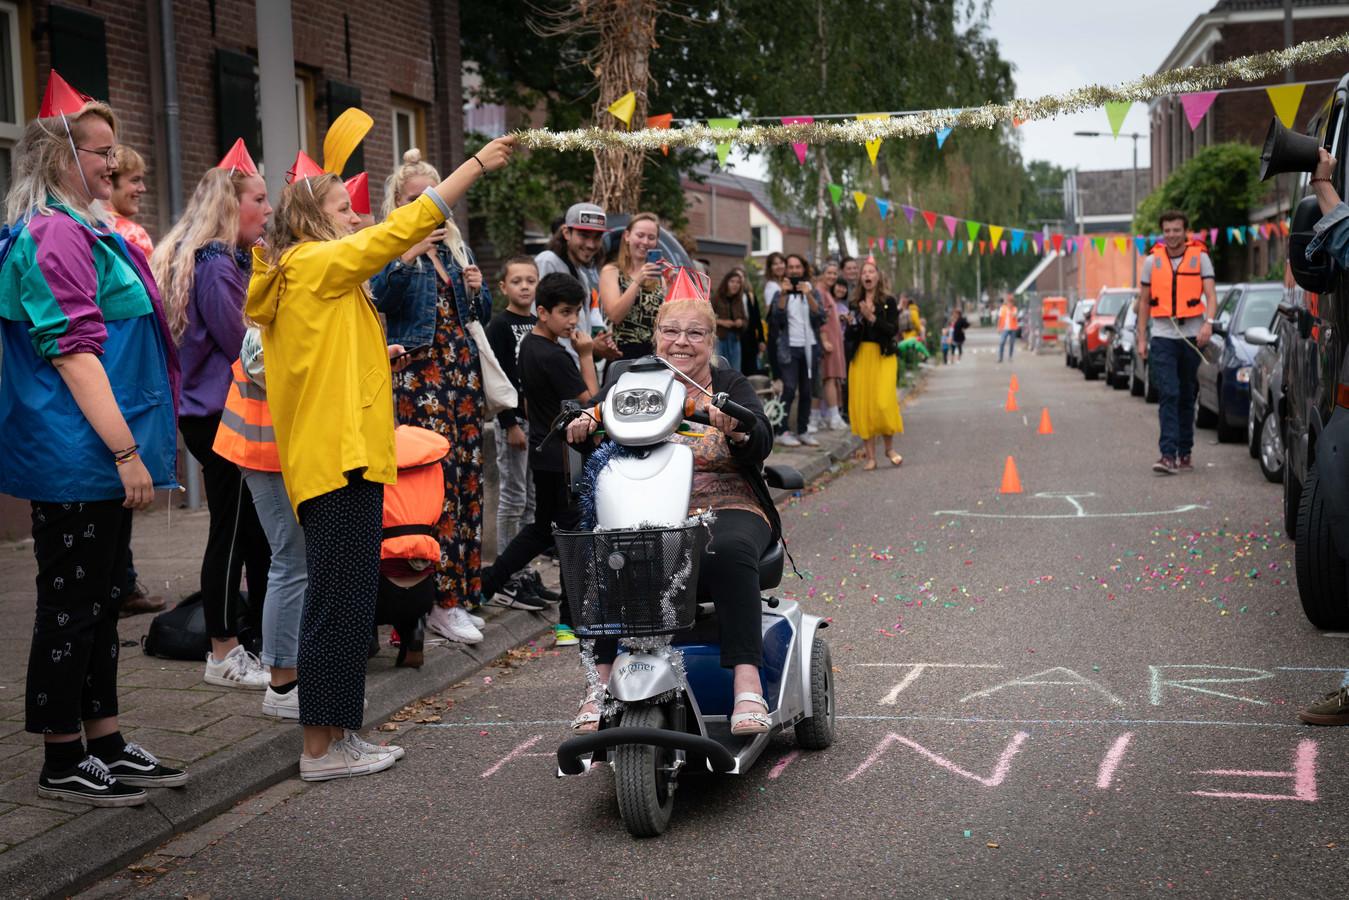 De scootmobielrace vanuit café Sailor in Arnhem.